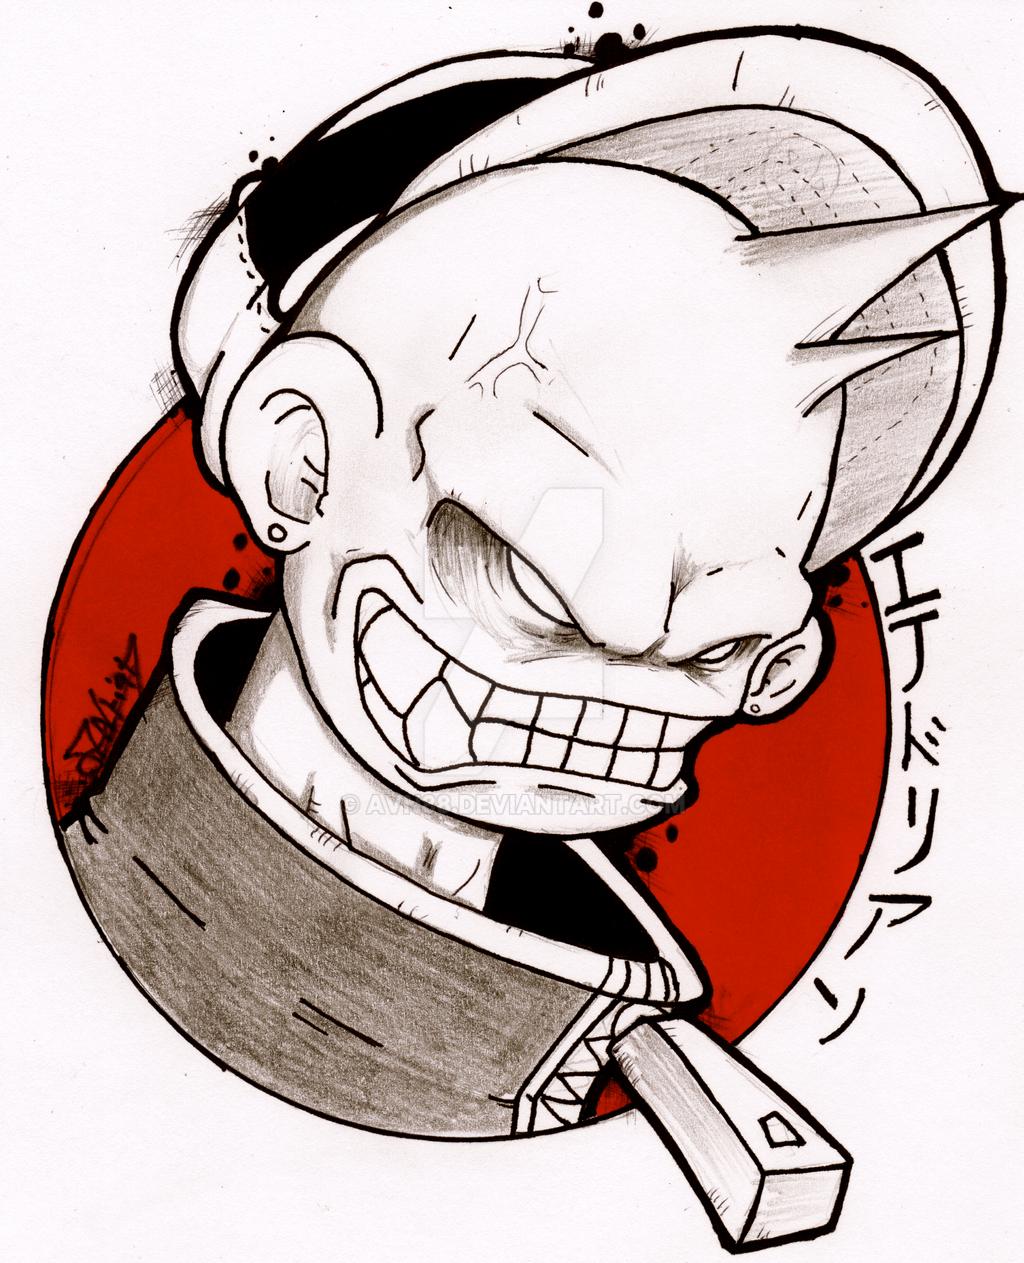 crazy monkey sketch by avn88 on deviantart